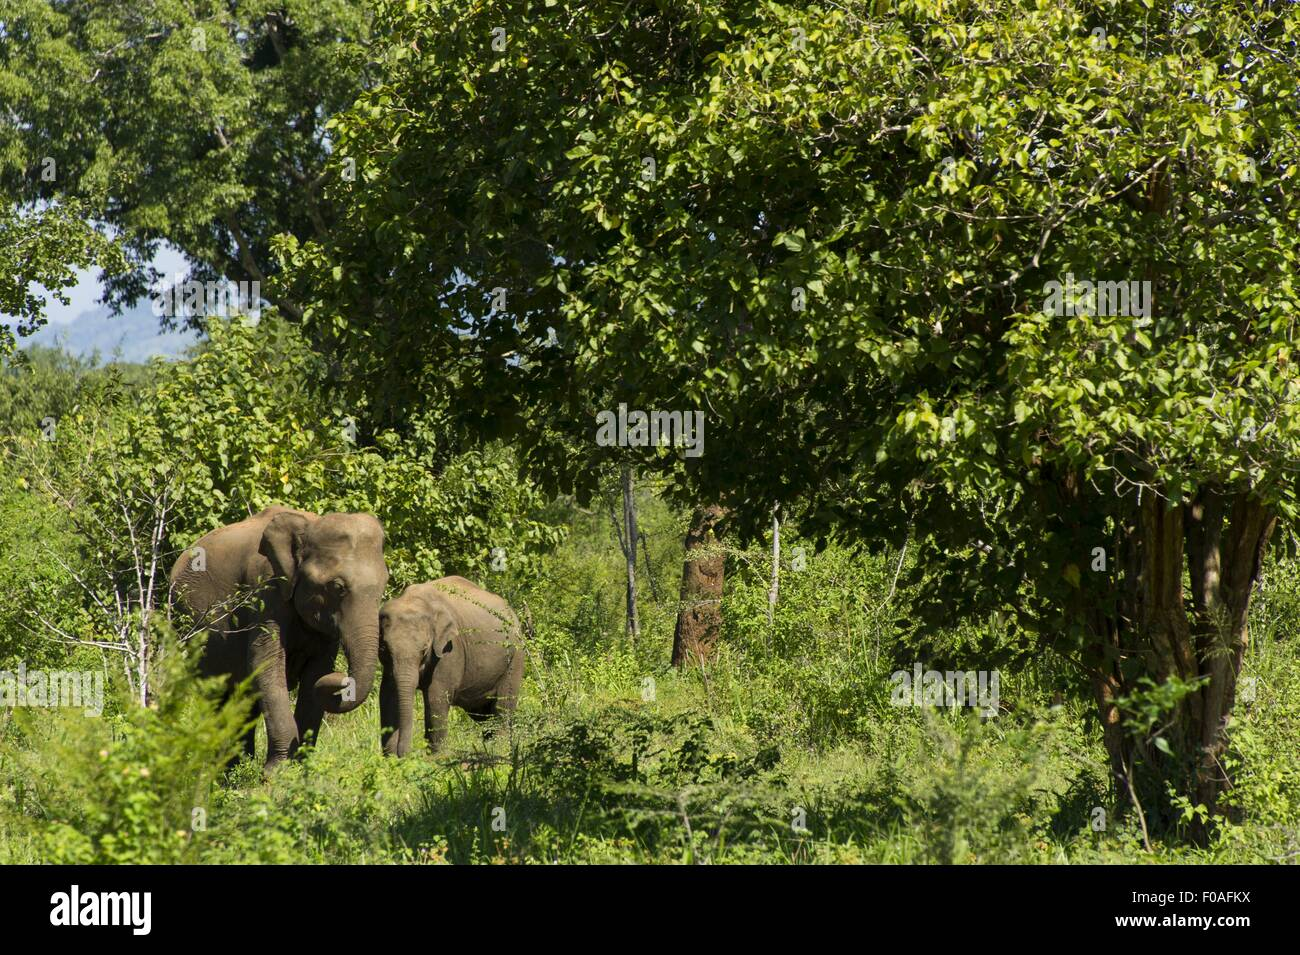 Elephants in Udawalawe National Park, Uva Province, Sri Lanka - Stock Image